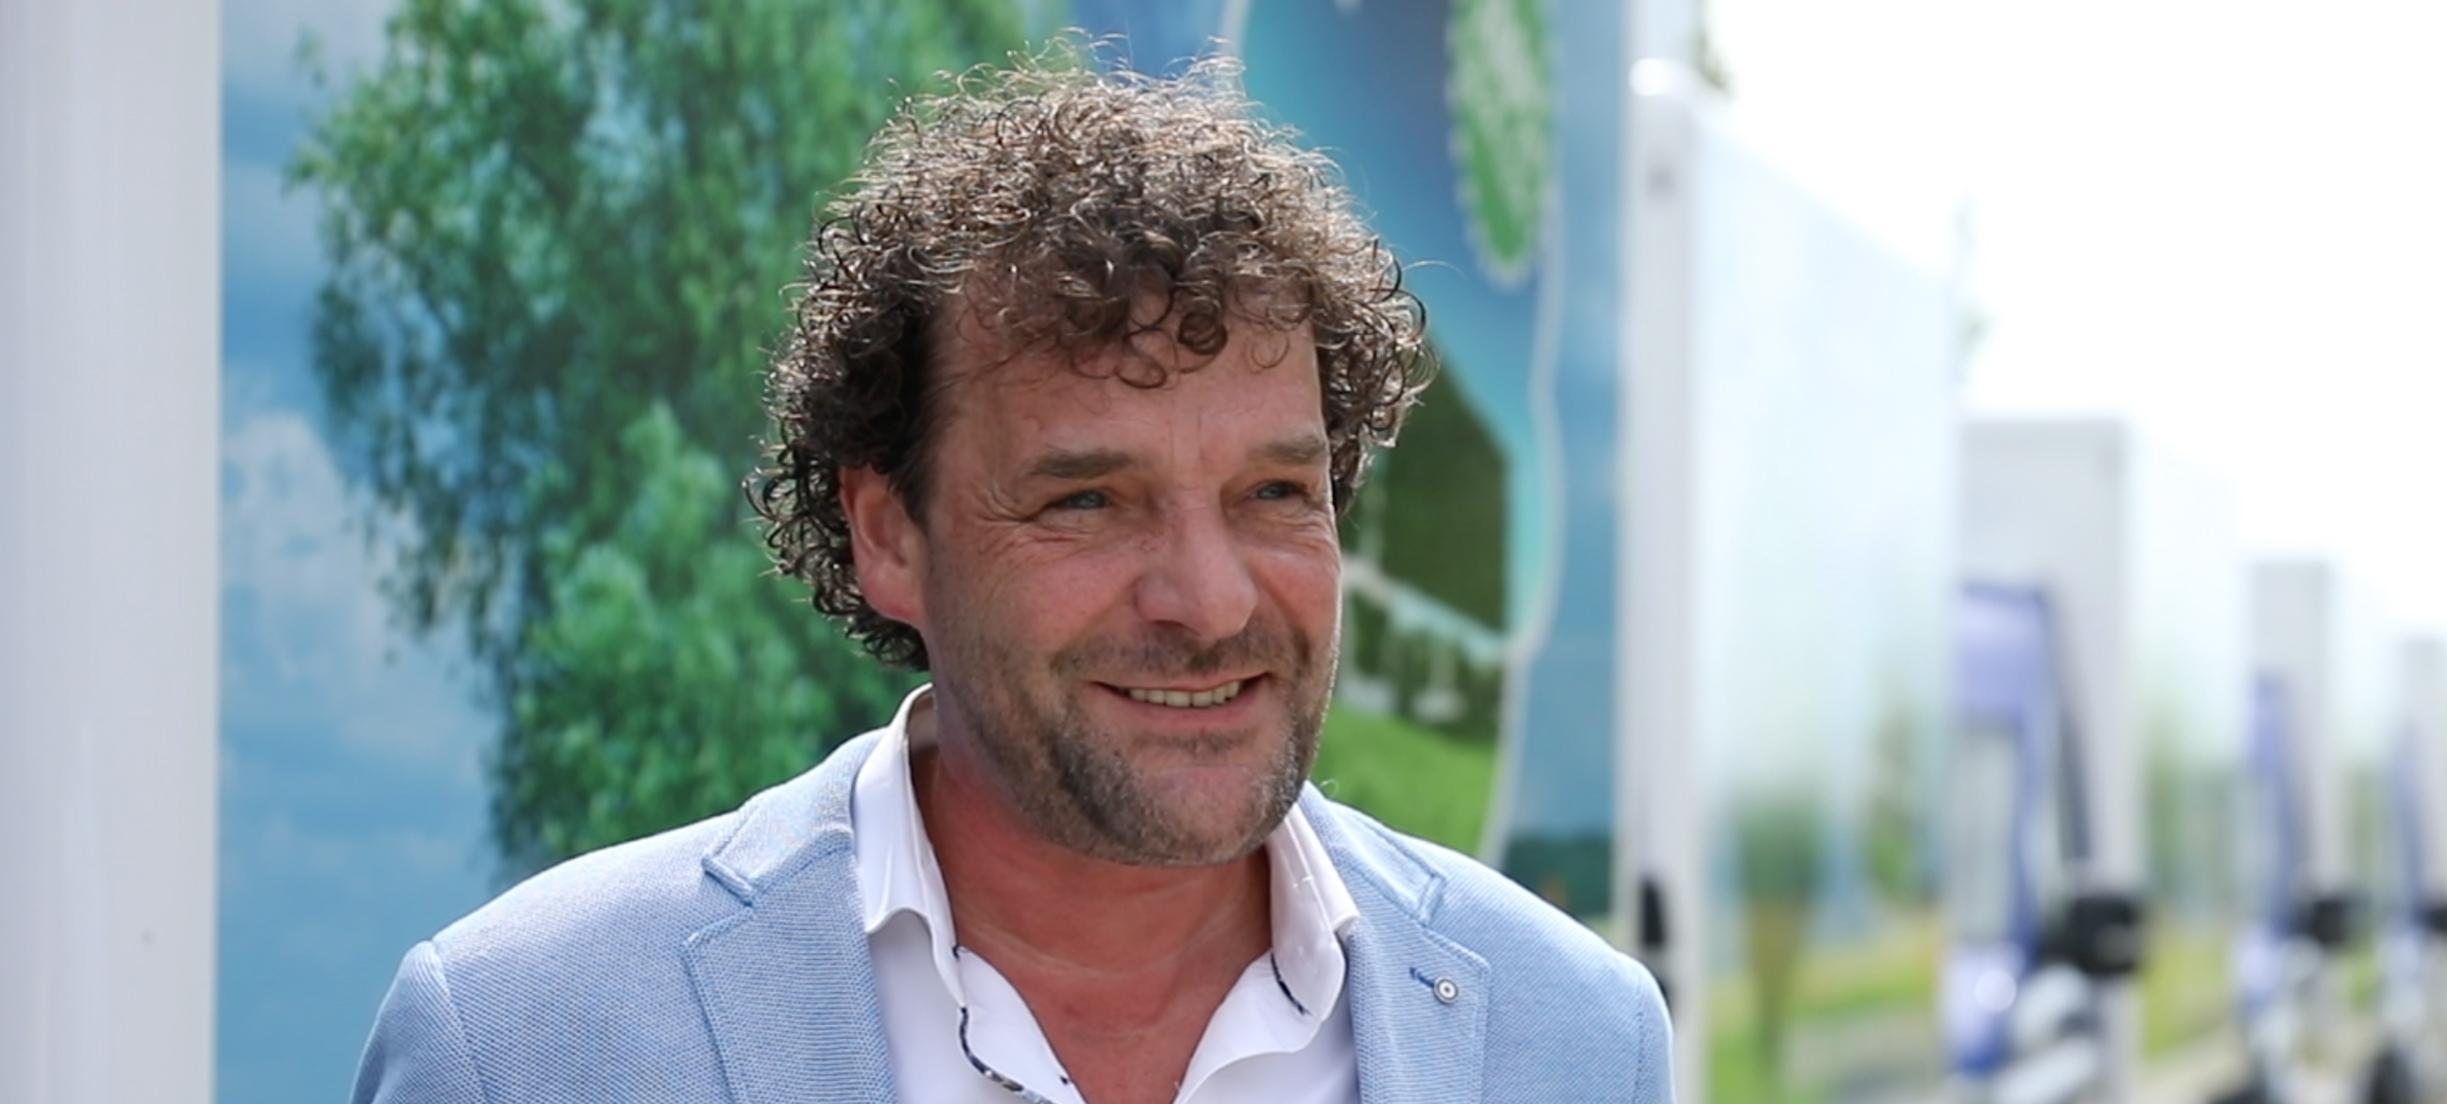 Ondernemer Andries Vlot: 'Ik weet zeker dat duurzaam goedkoper is'